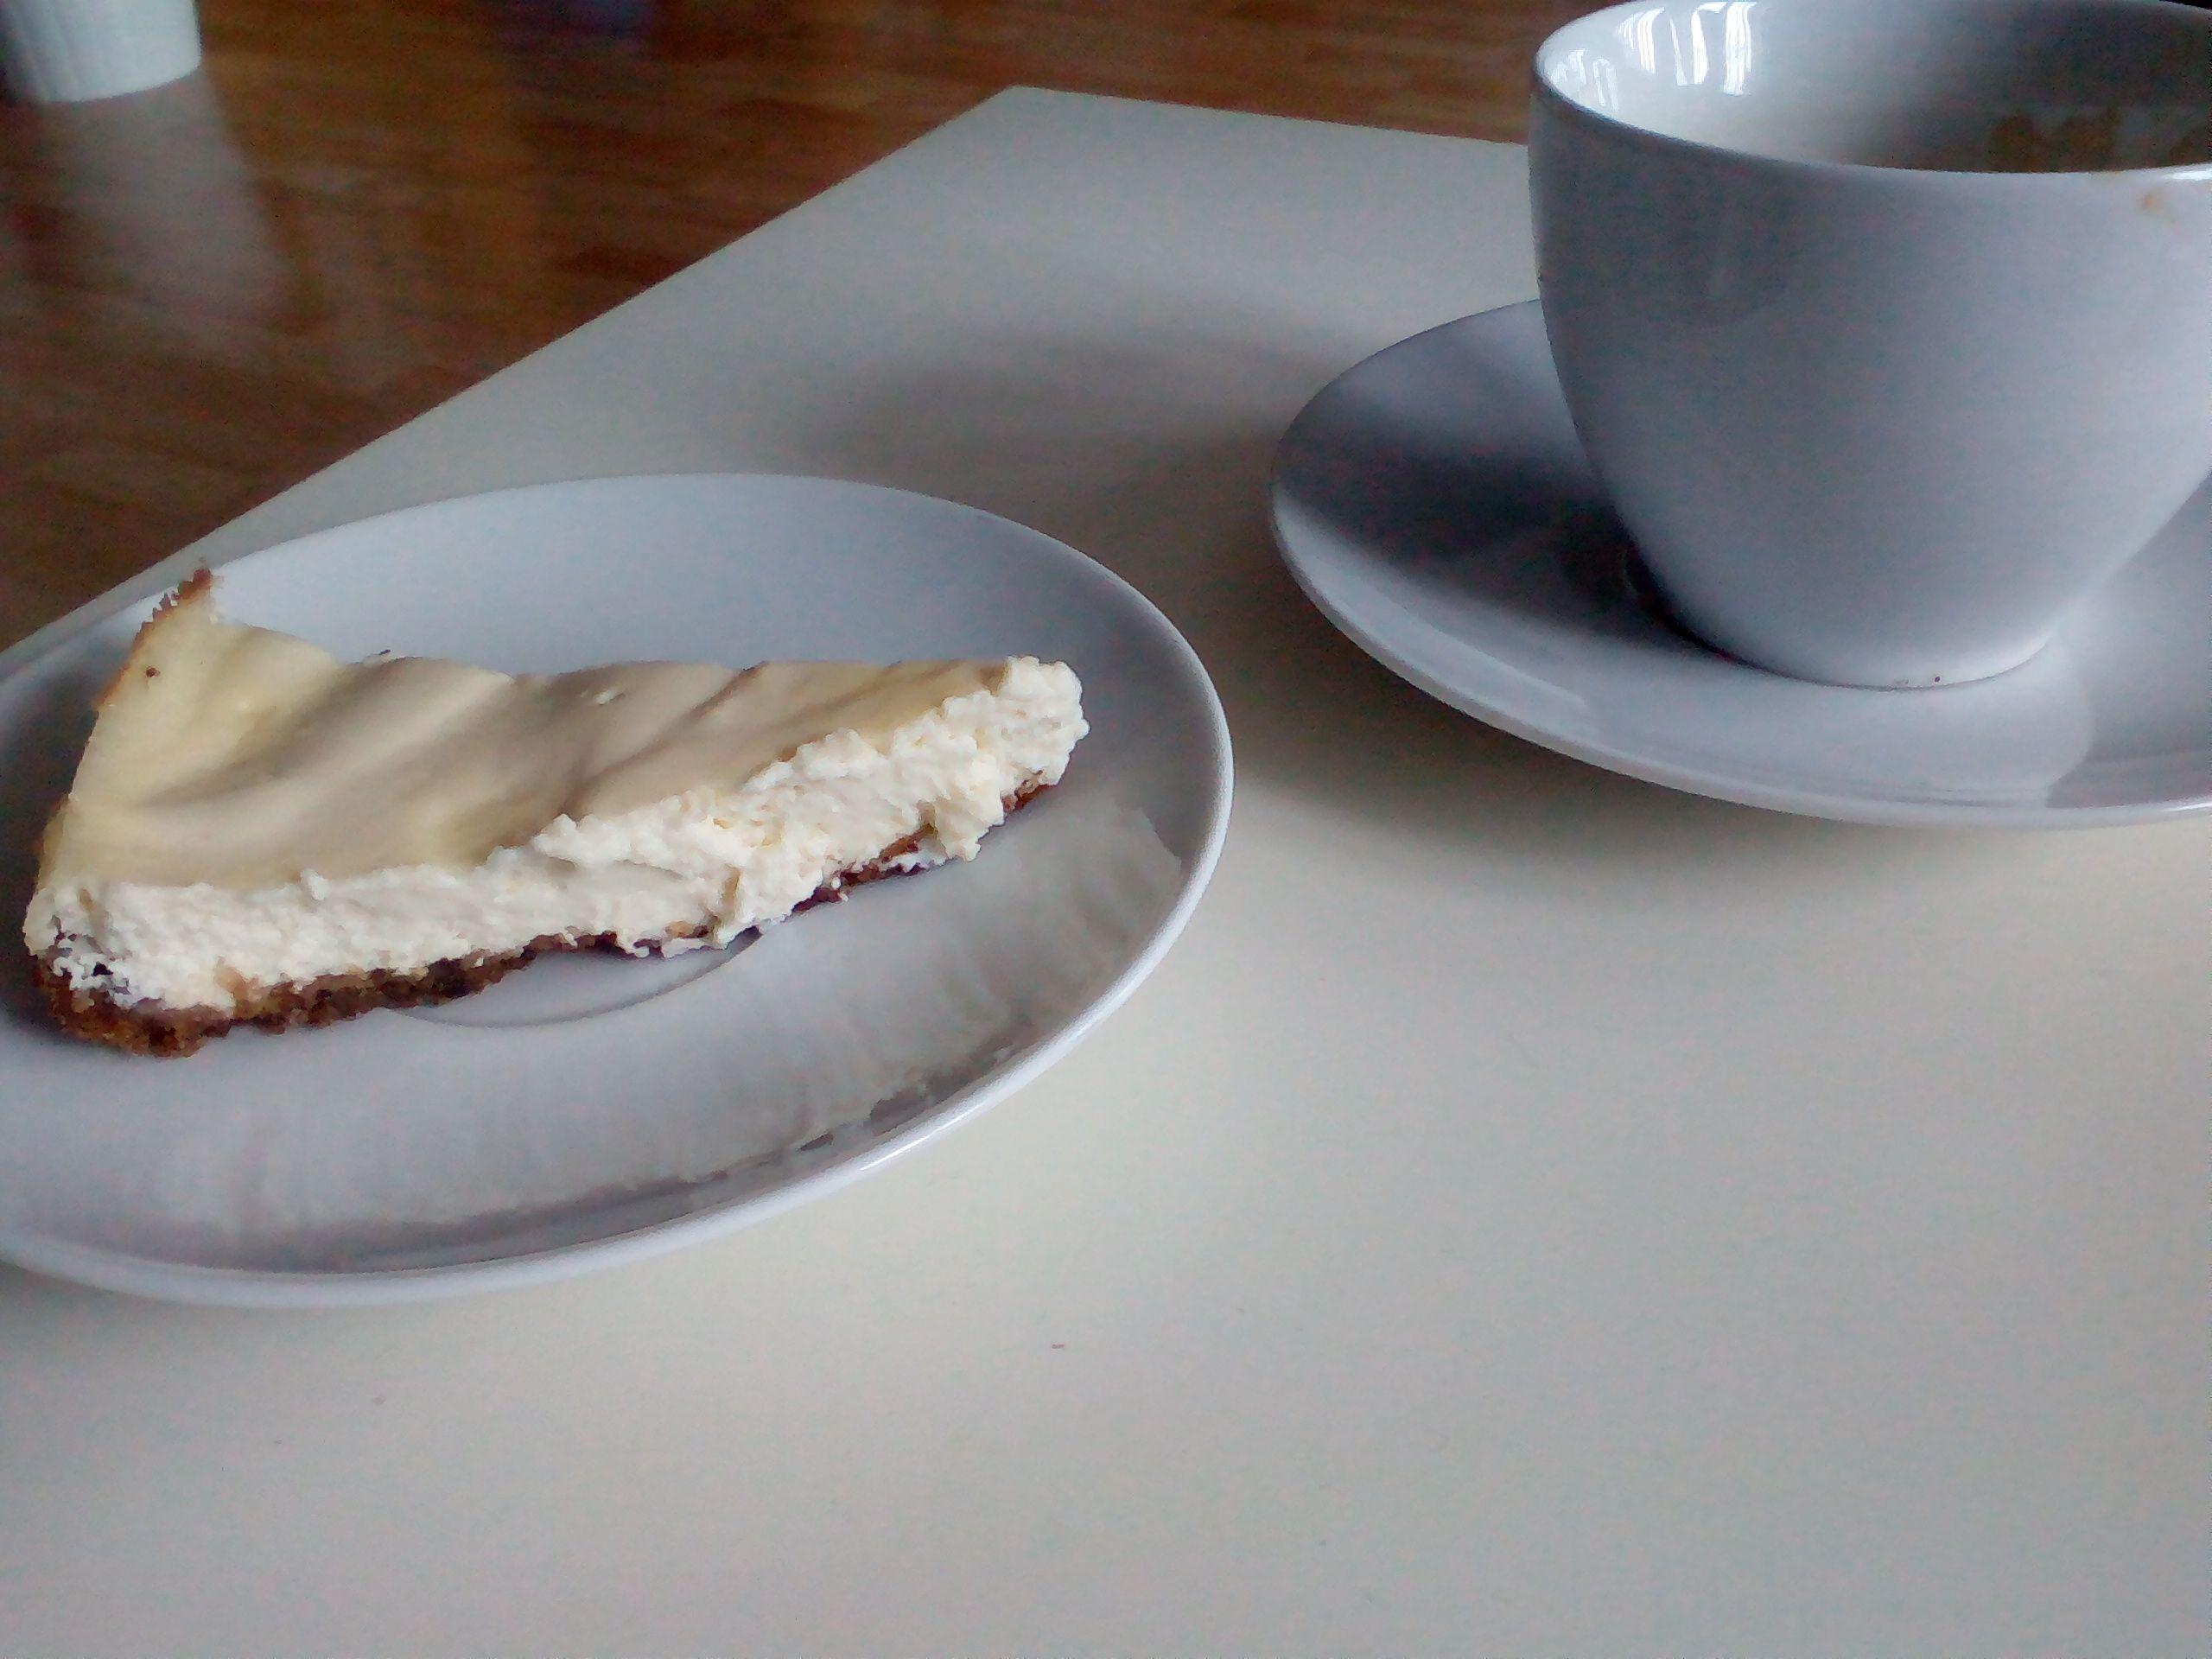 Citronový cheesecake | recept. Tento cheesecake je velice jednoduchý, jeho příprava sestává z upečení klasického sušenko